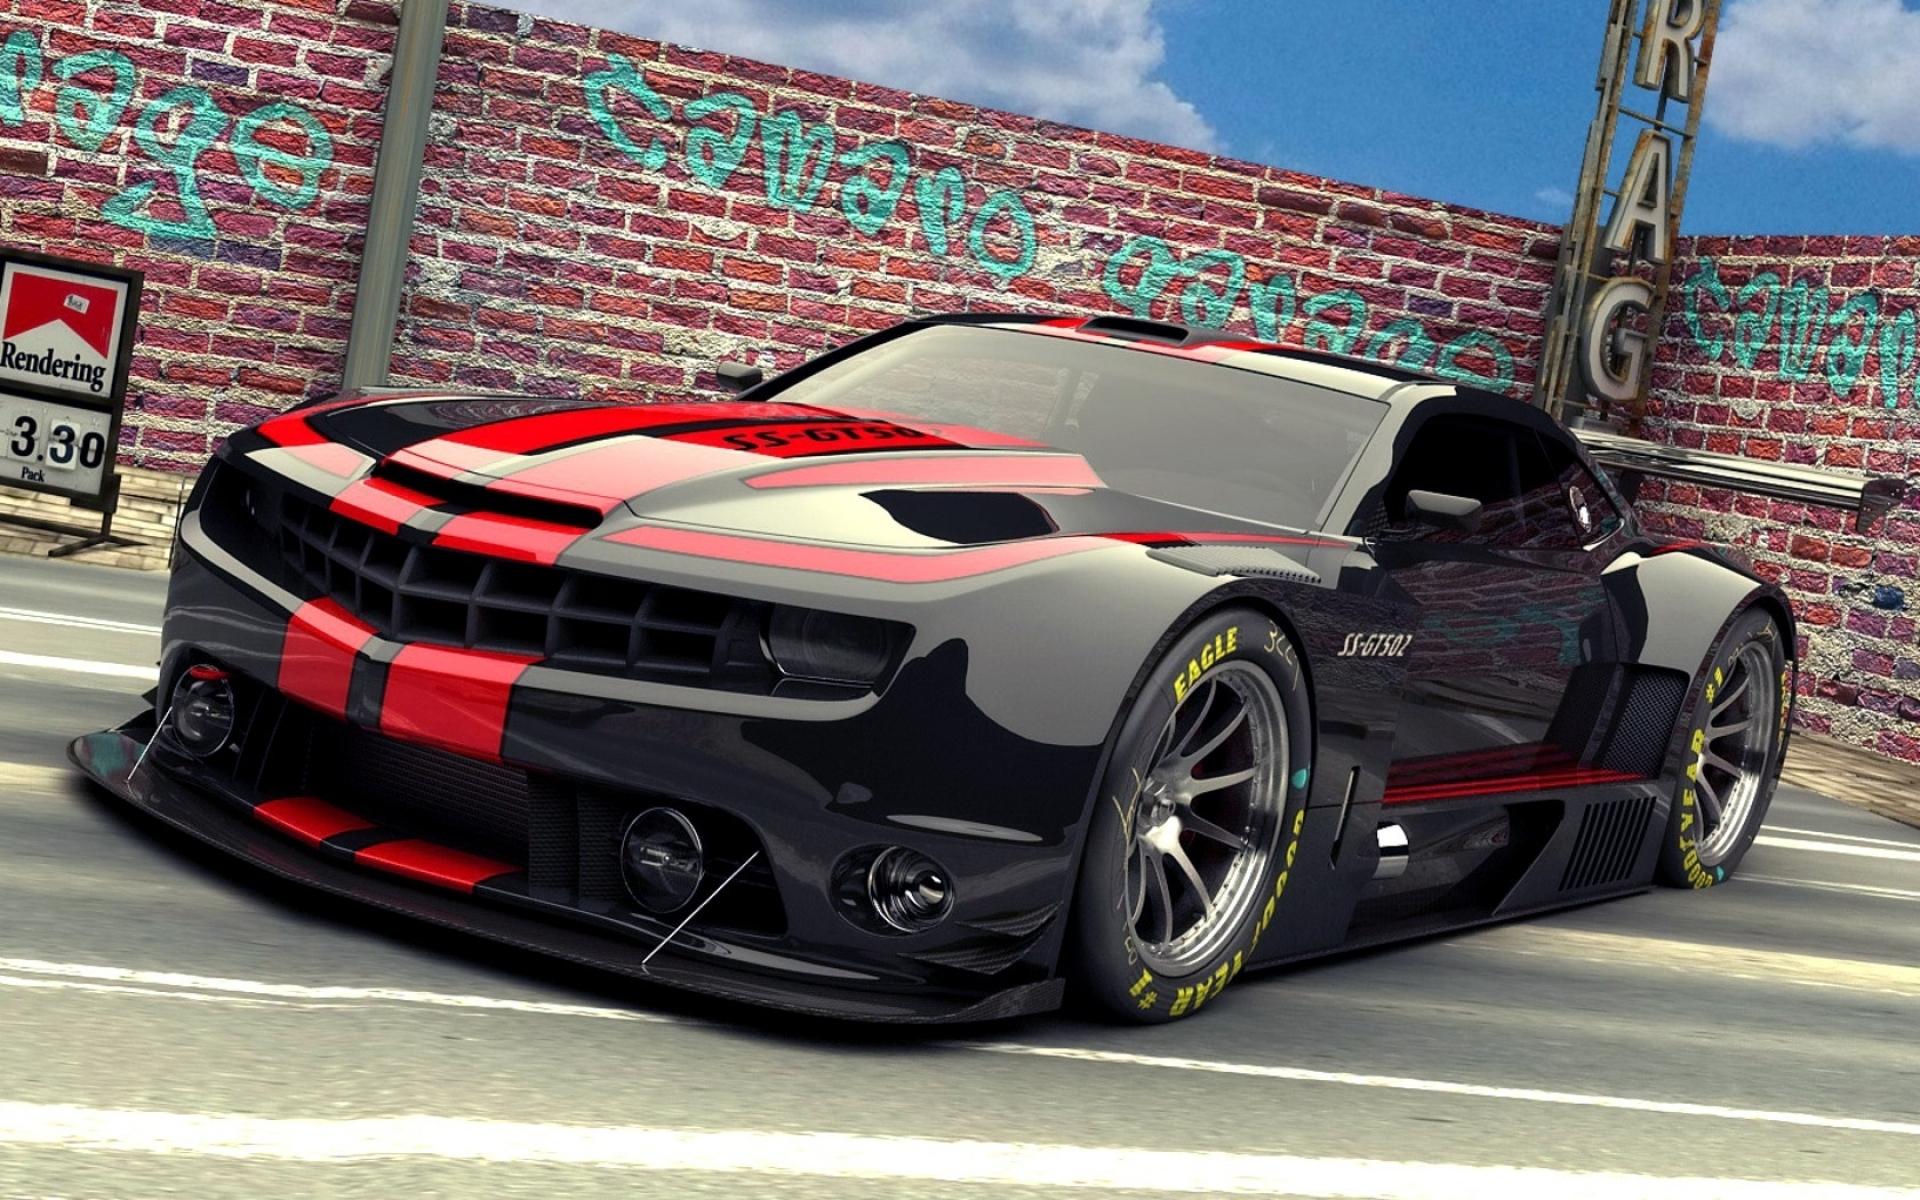 Chevrolet Camaro Photos